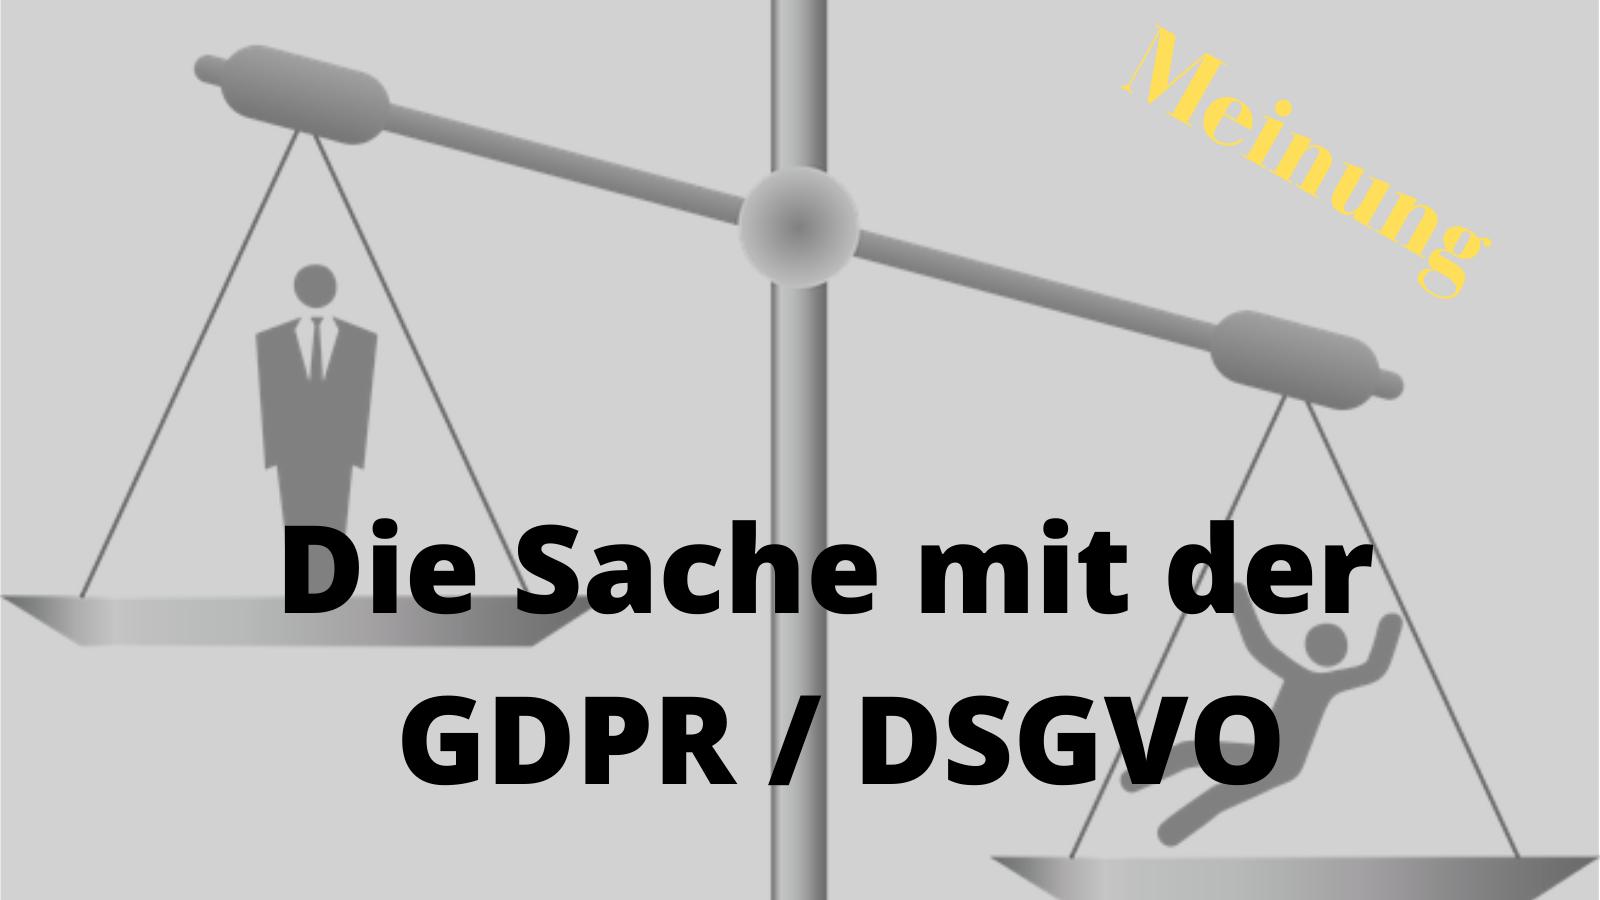 Die Sache mit der GDPR / DSGVO